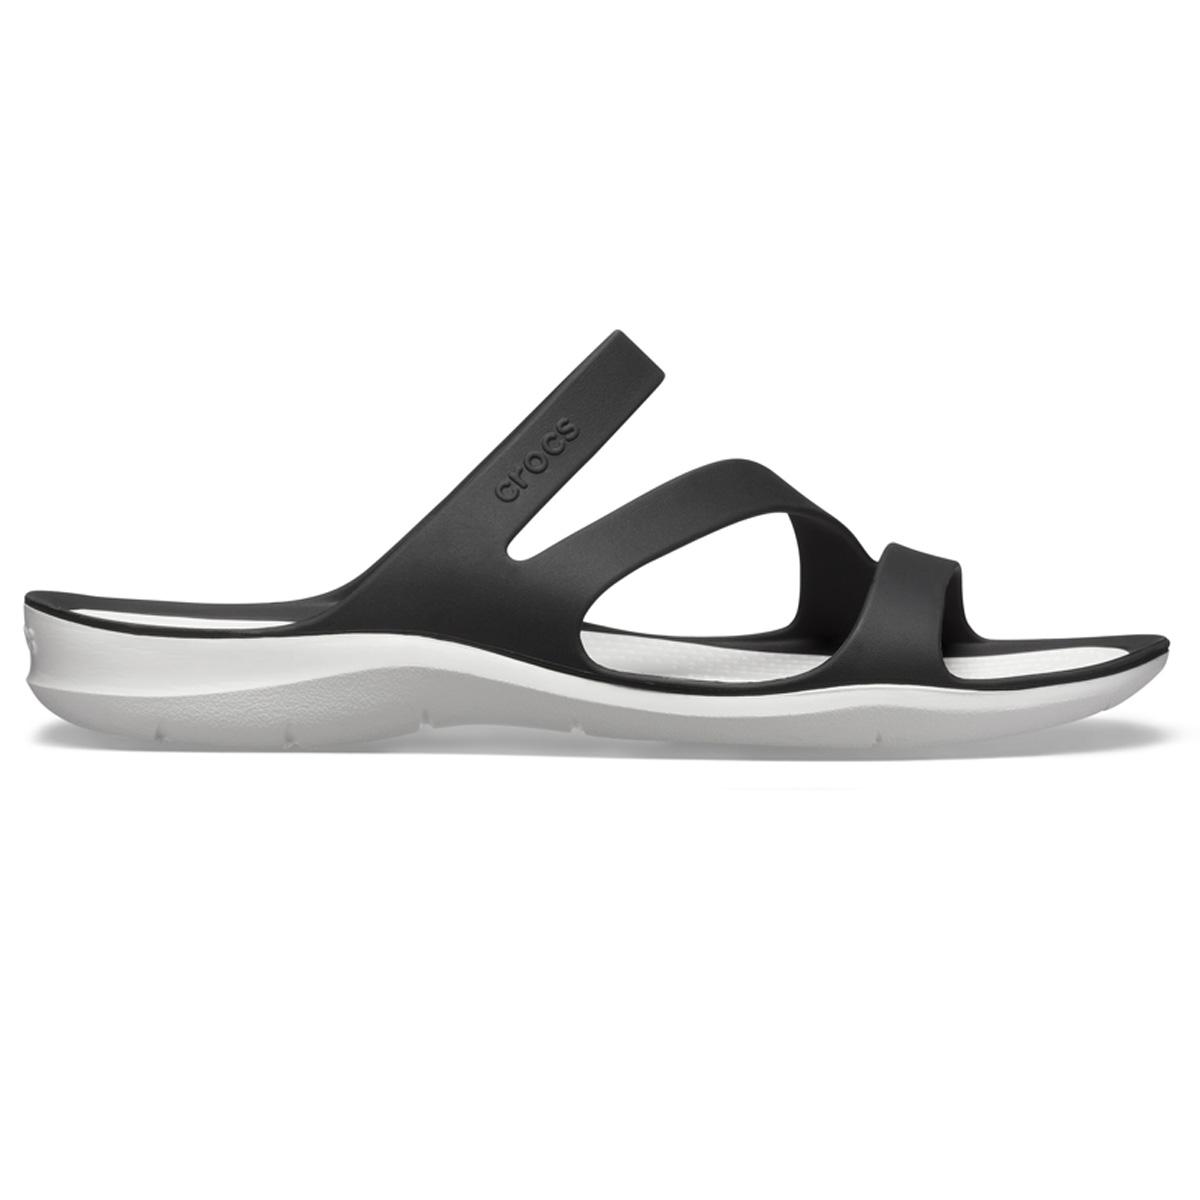 Crocs Swiftwater Sandal W - Siyah/Beyaz